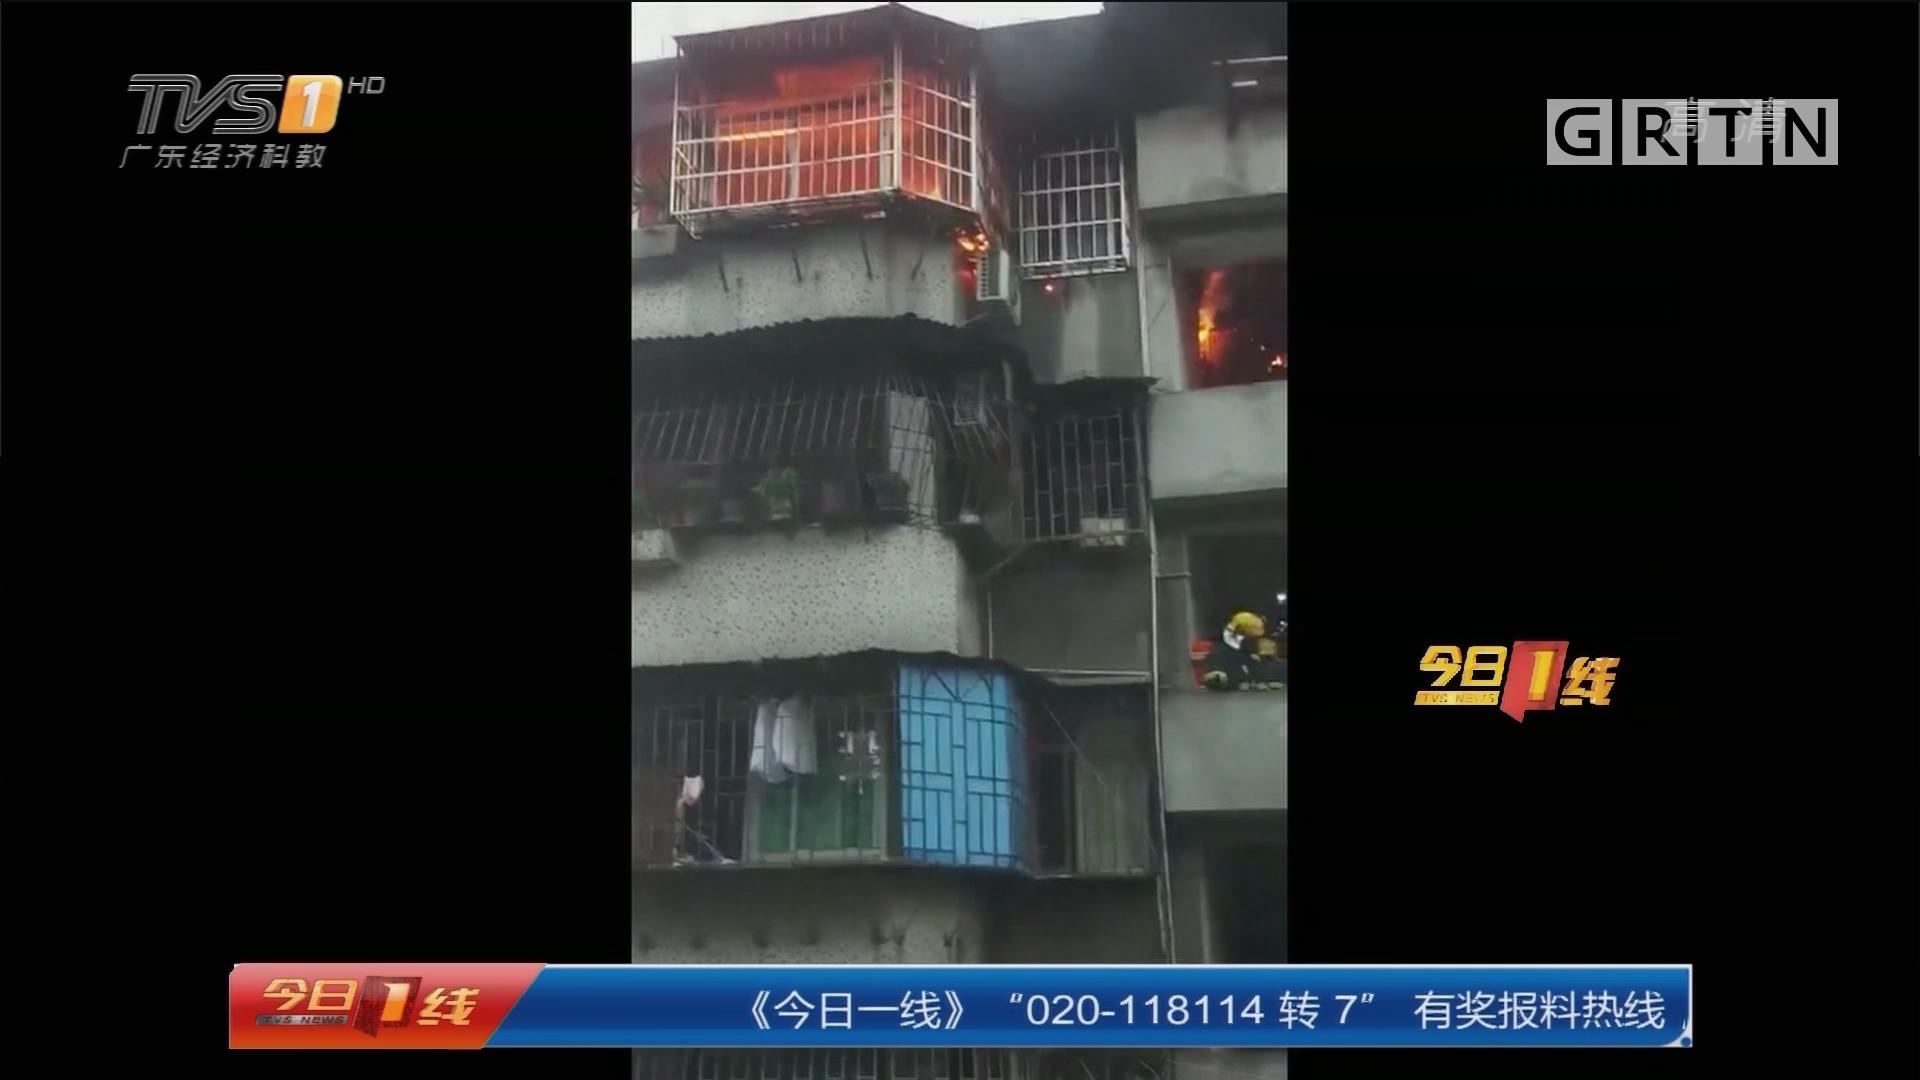 广州白云:机智姐弟 火场逃生避险